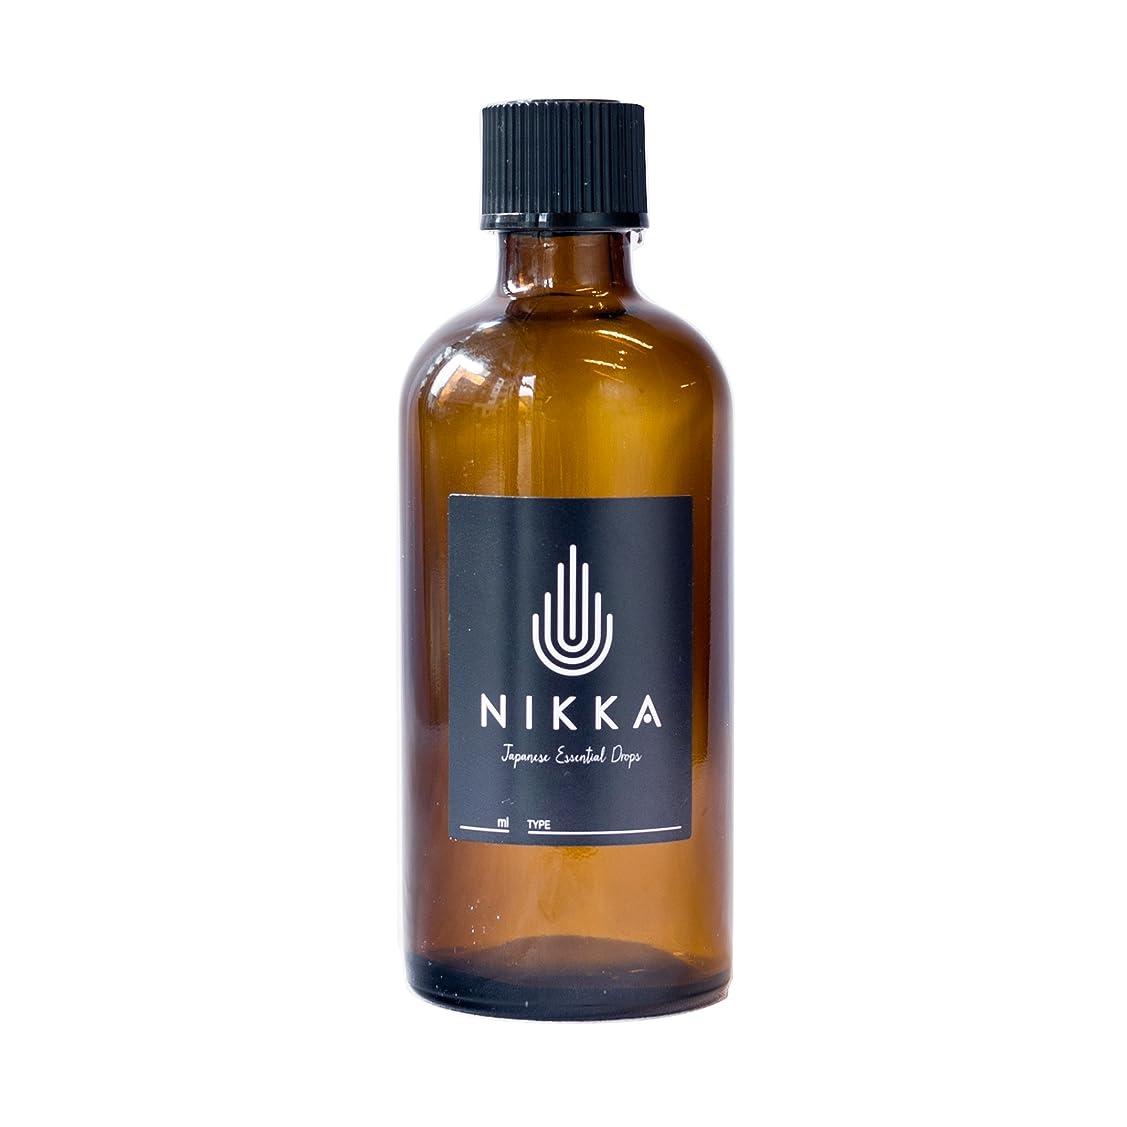 生命体許される領収書NIKKA エッセンシャルオイル ゆず 100ml